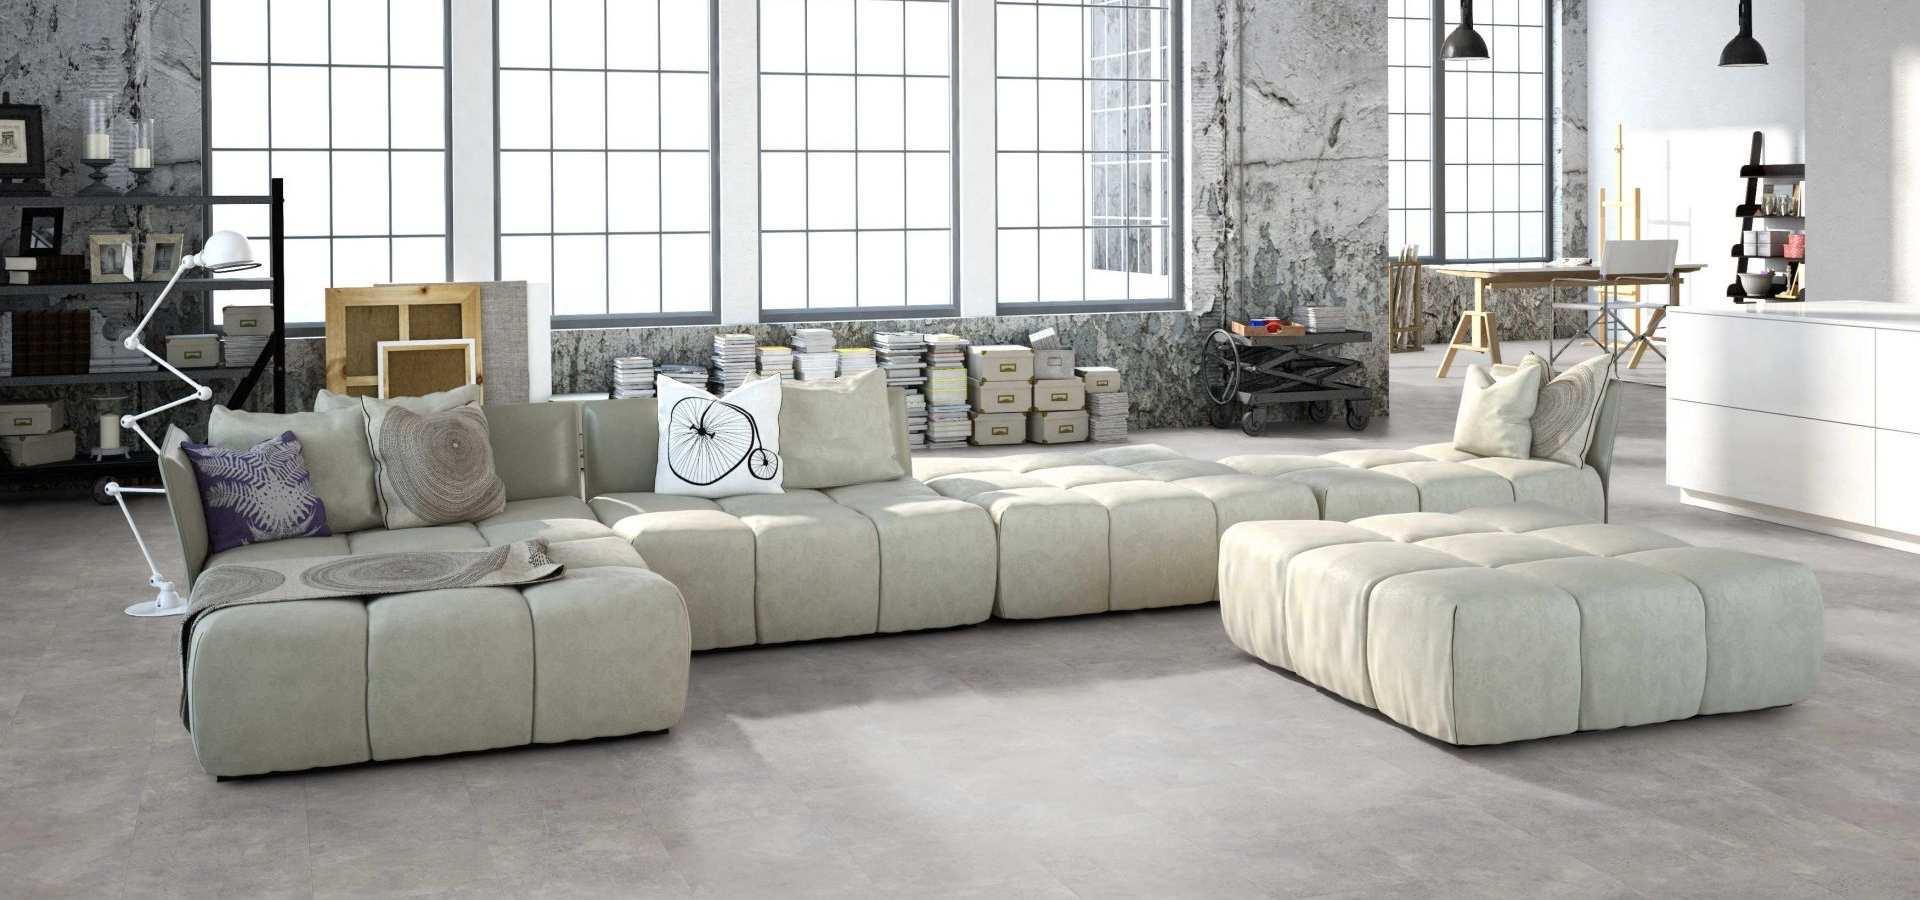 Bild Wohnen Designbelag grauer Stein Wohnzimmer